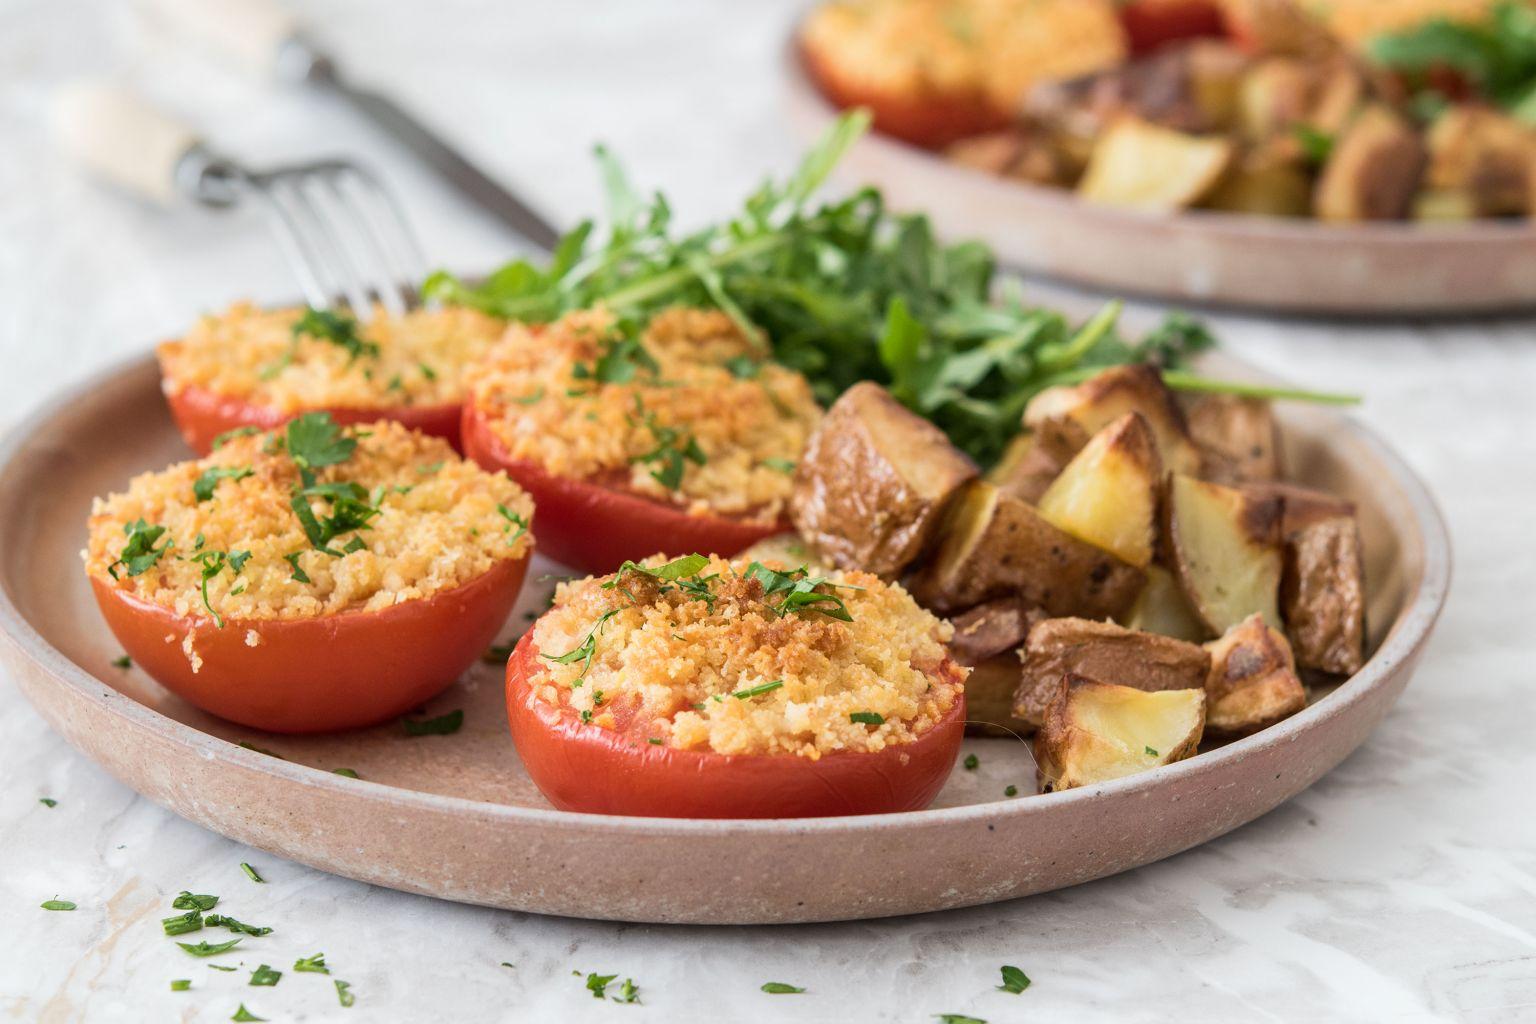 Tomates provençales au parmesan, salade de roquette